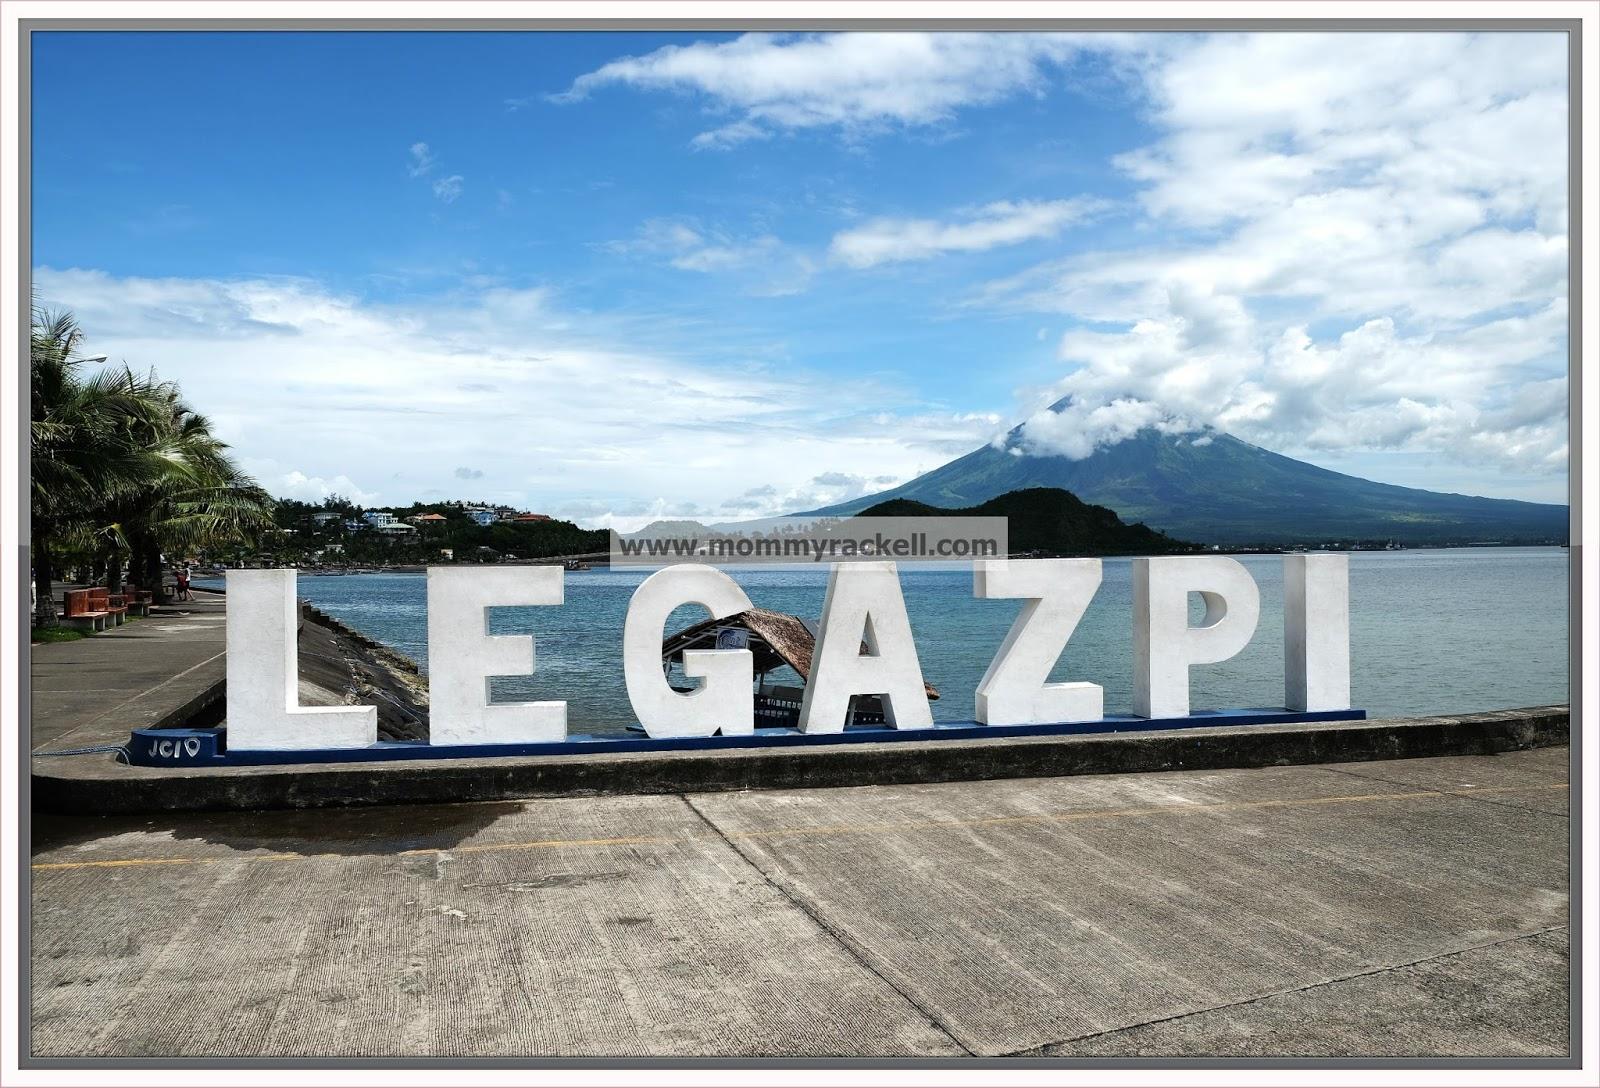 Venezia Hotel Legazpi City